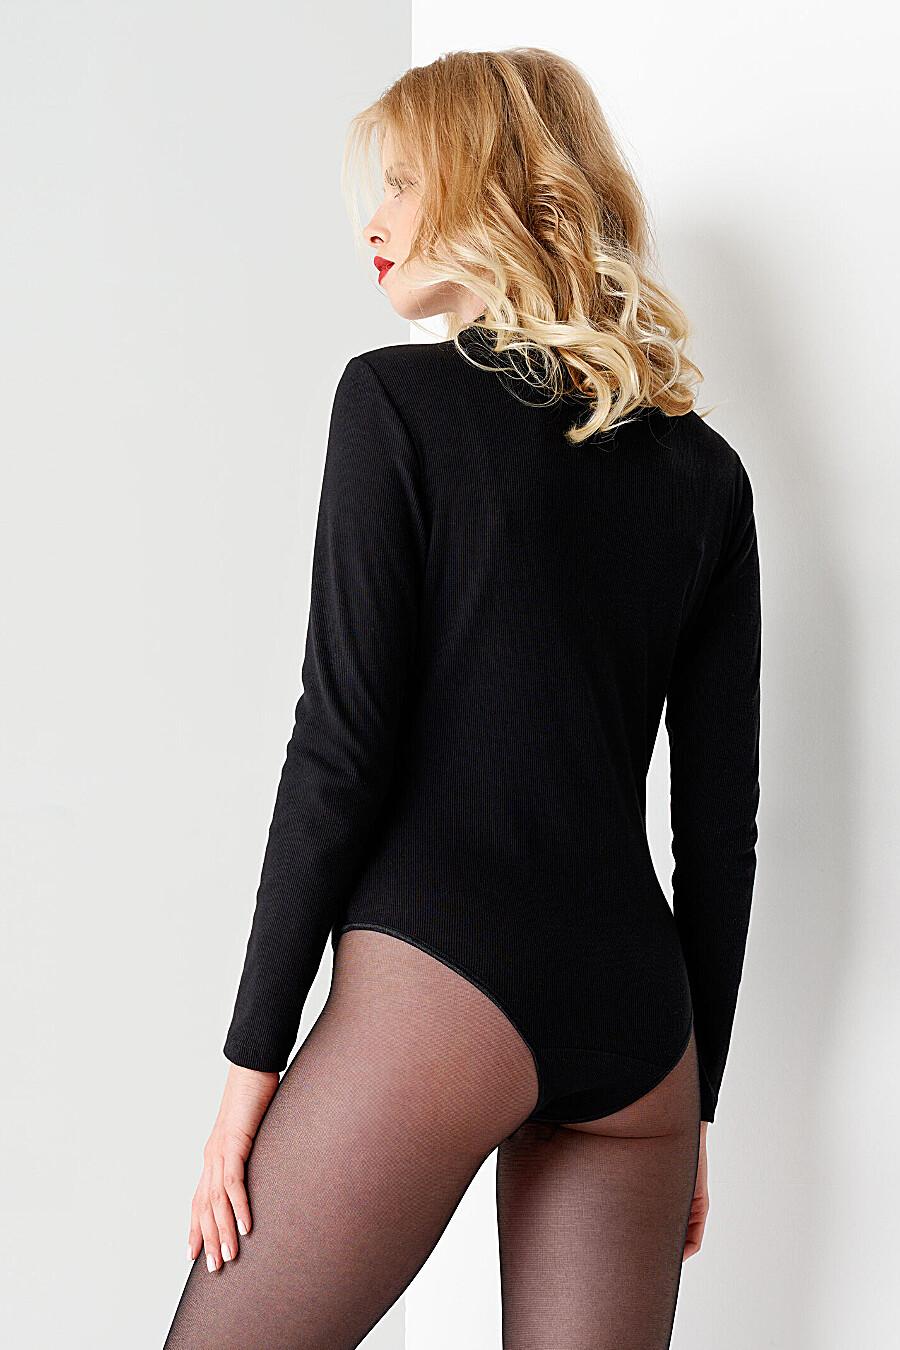 Боди для женщин PANDA 700498 купить оптом от производителя. Совместная покупка женской одежды в OptMoyo